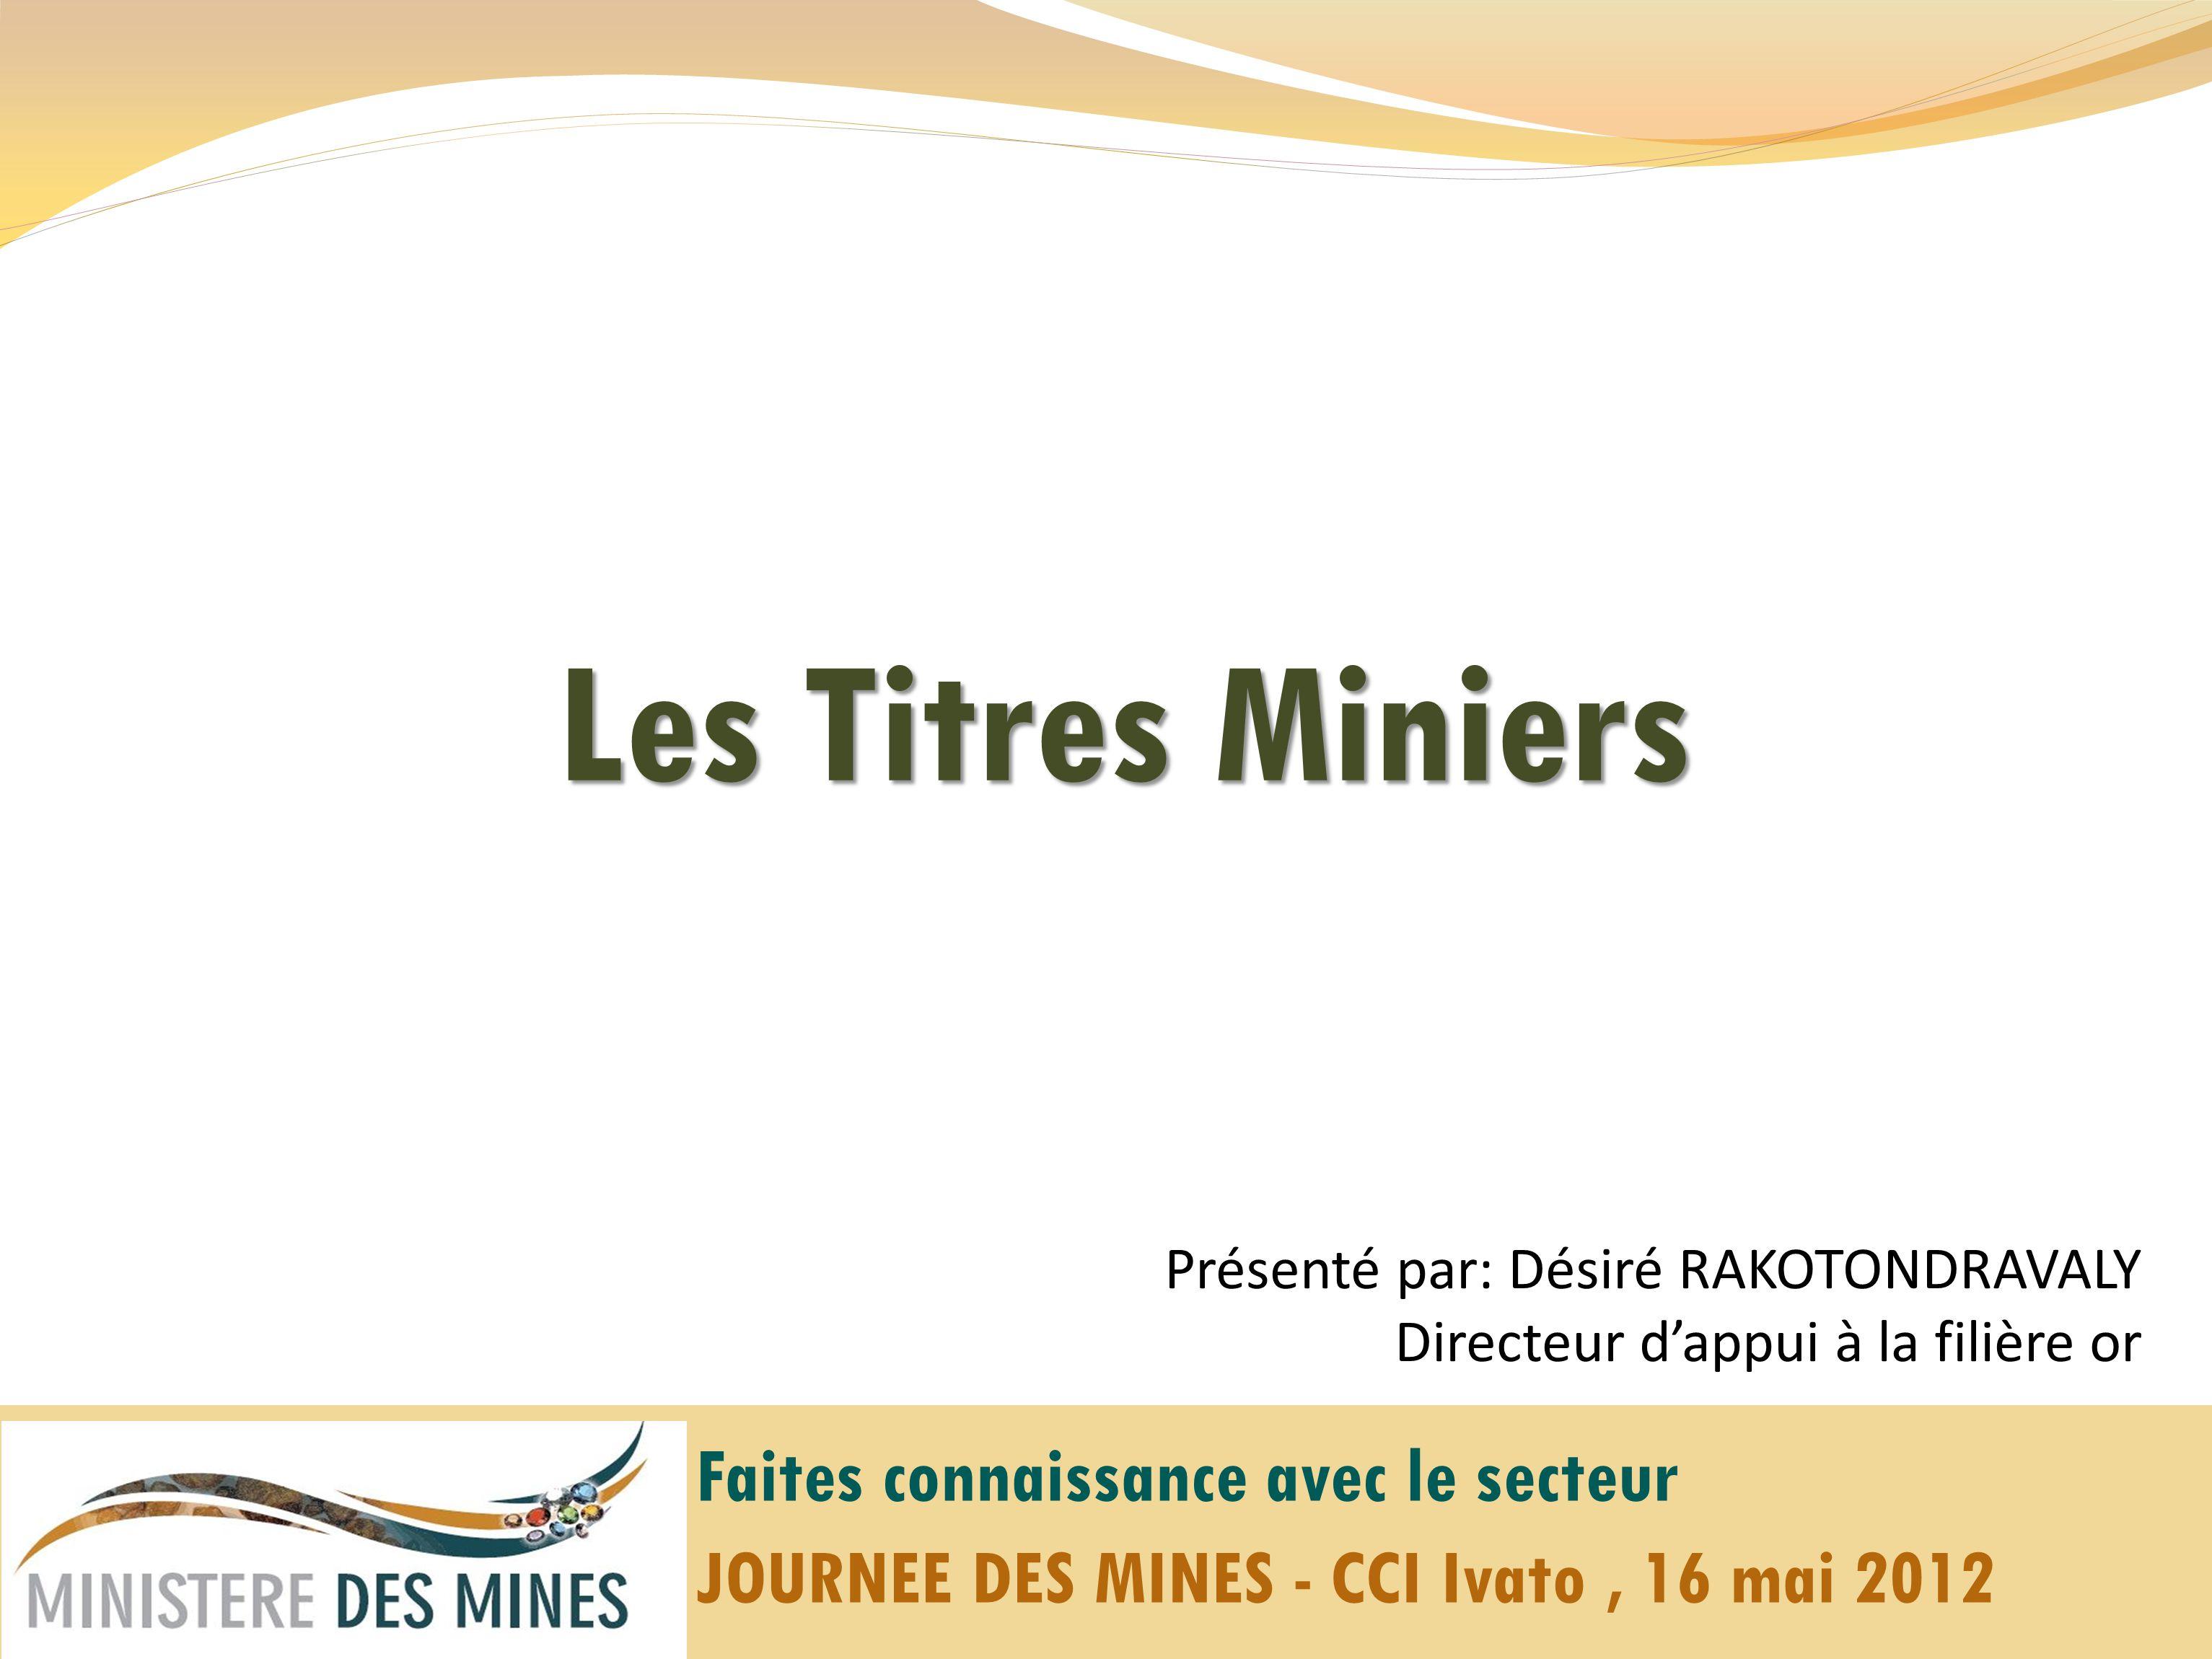 Les Titres Miniers Présenté par: Désiré RAKOTONDRAVALY Directeur dappui à la filière or Faites connaissance avec le secteur JOURNEE DES MINES - CCI Ivato, 16 mai 2012